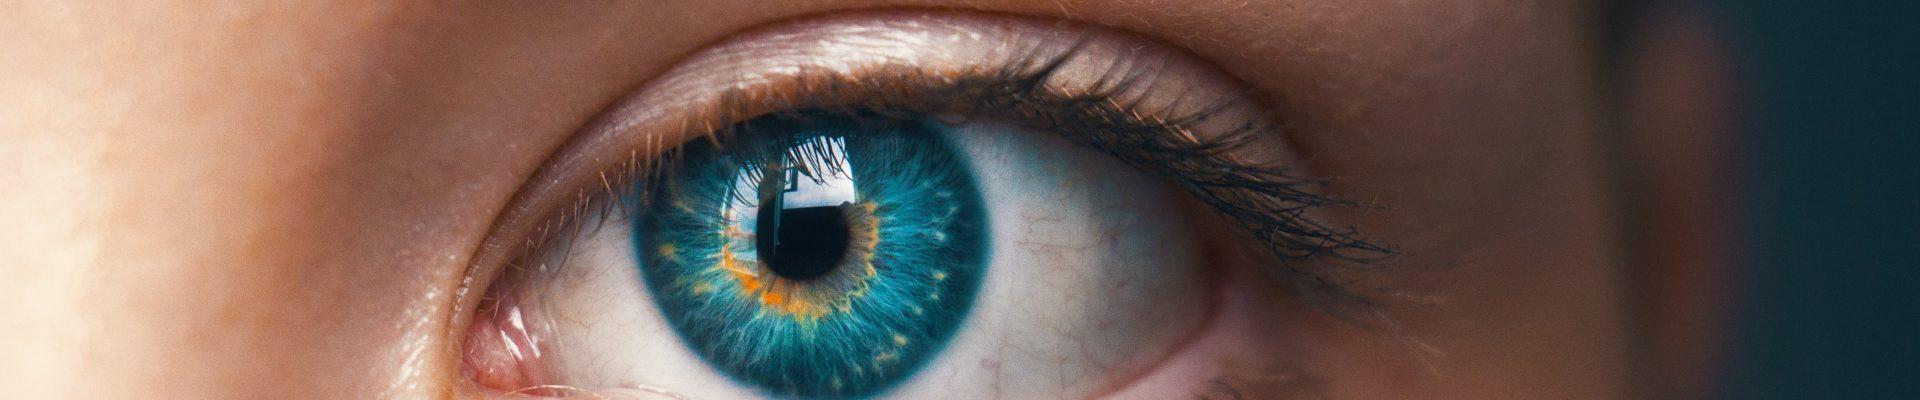 Fordele ved brug af eyepatch